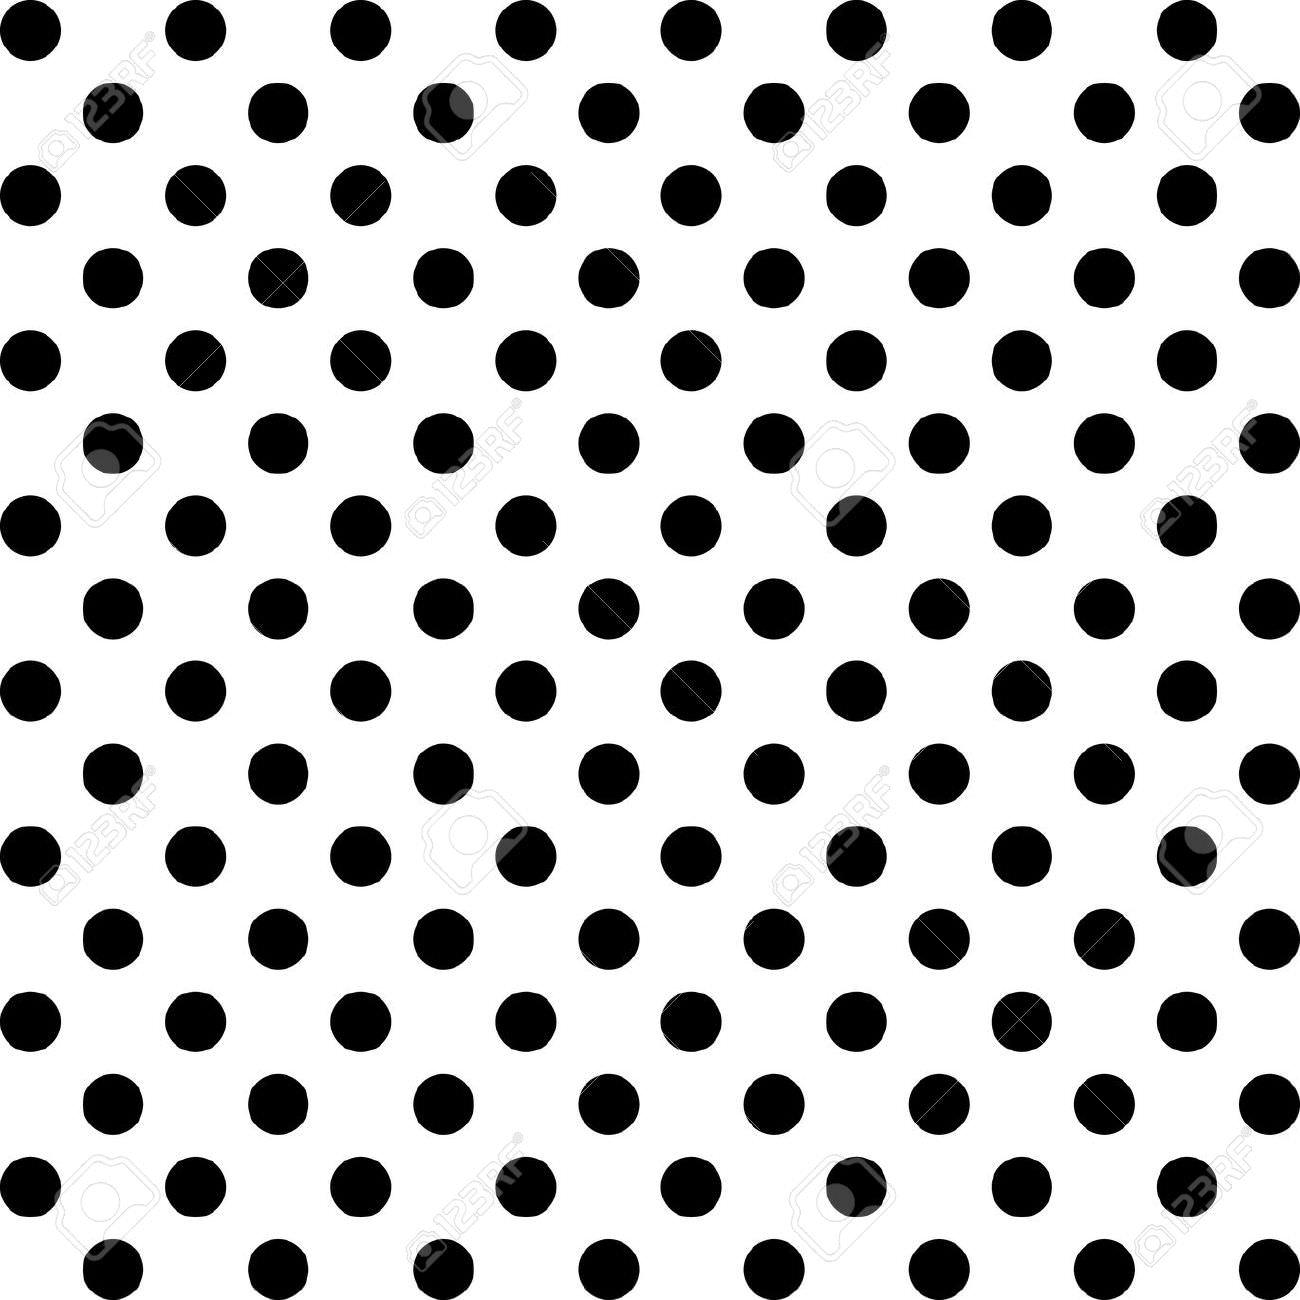 Black an White polka dots